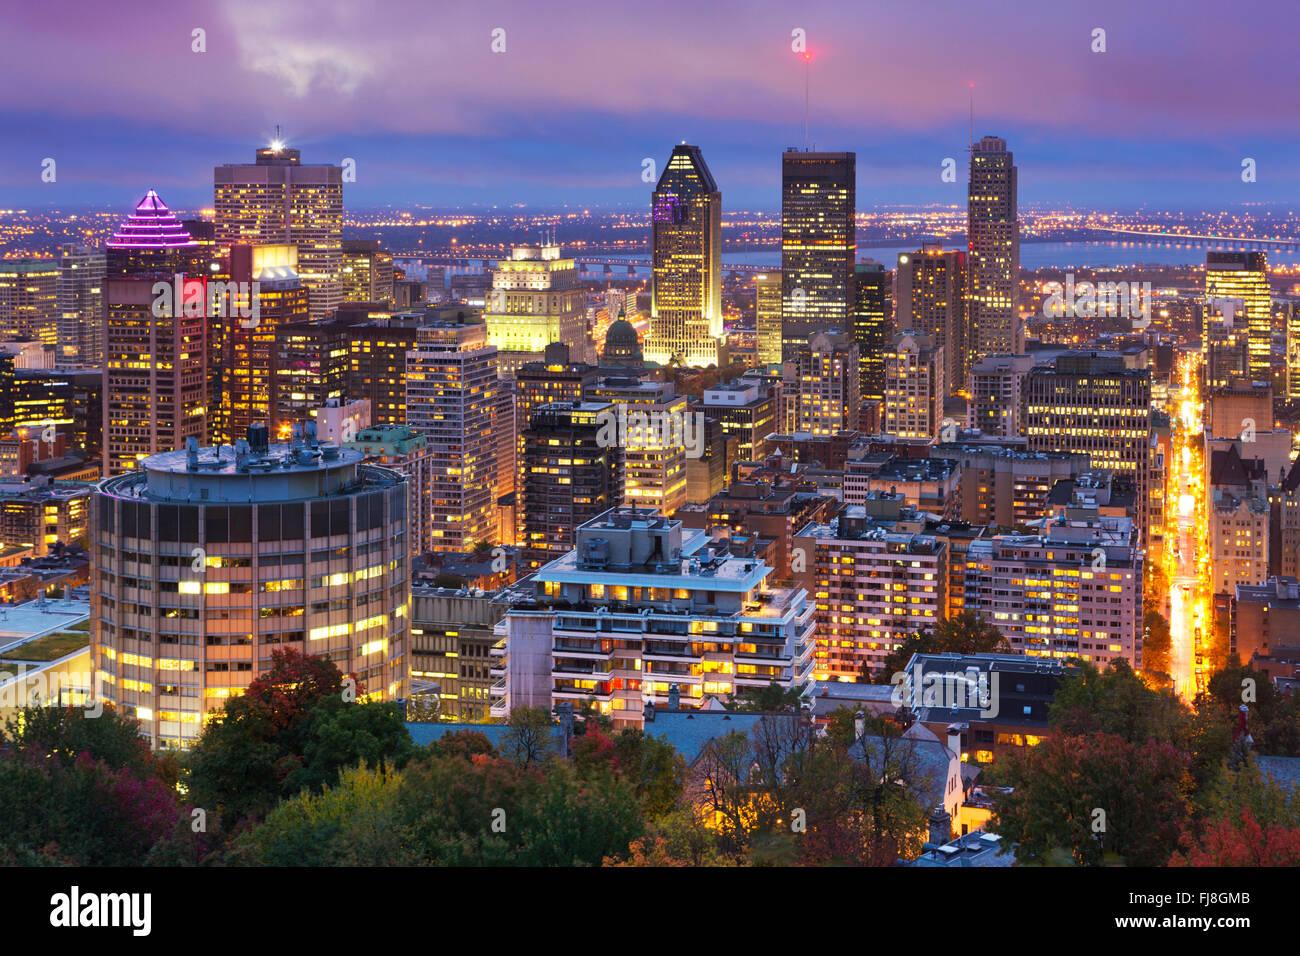 Lo skyline del centro cittadino di Montréal, Québec, Canada dalla cima di Mount Royal. Fotografato al Immagini Stock